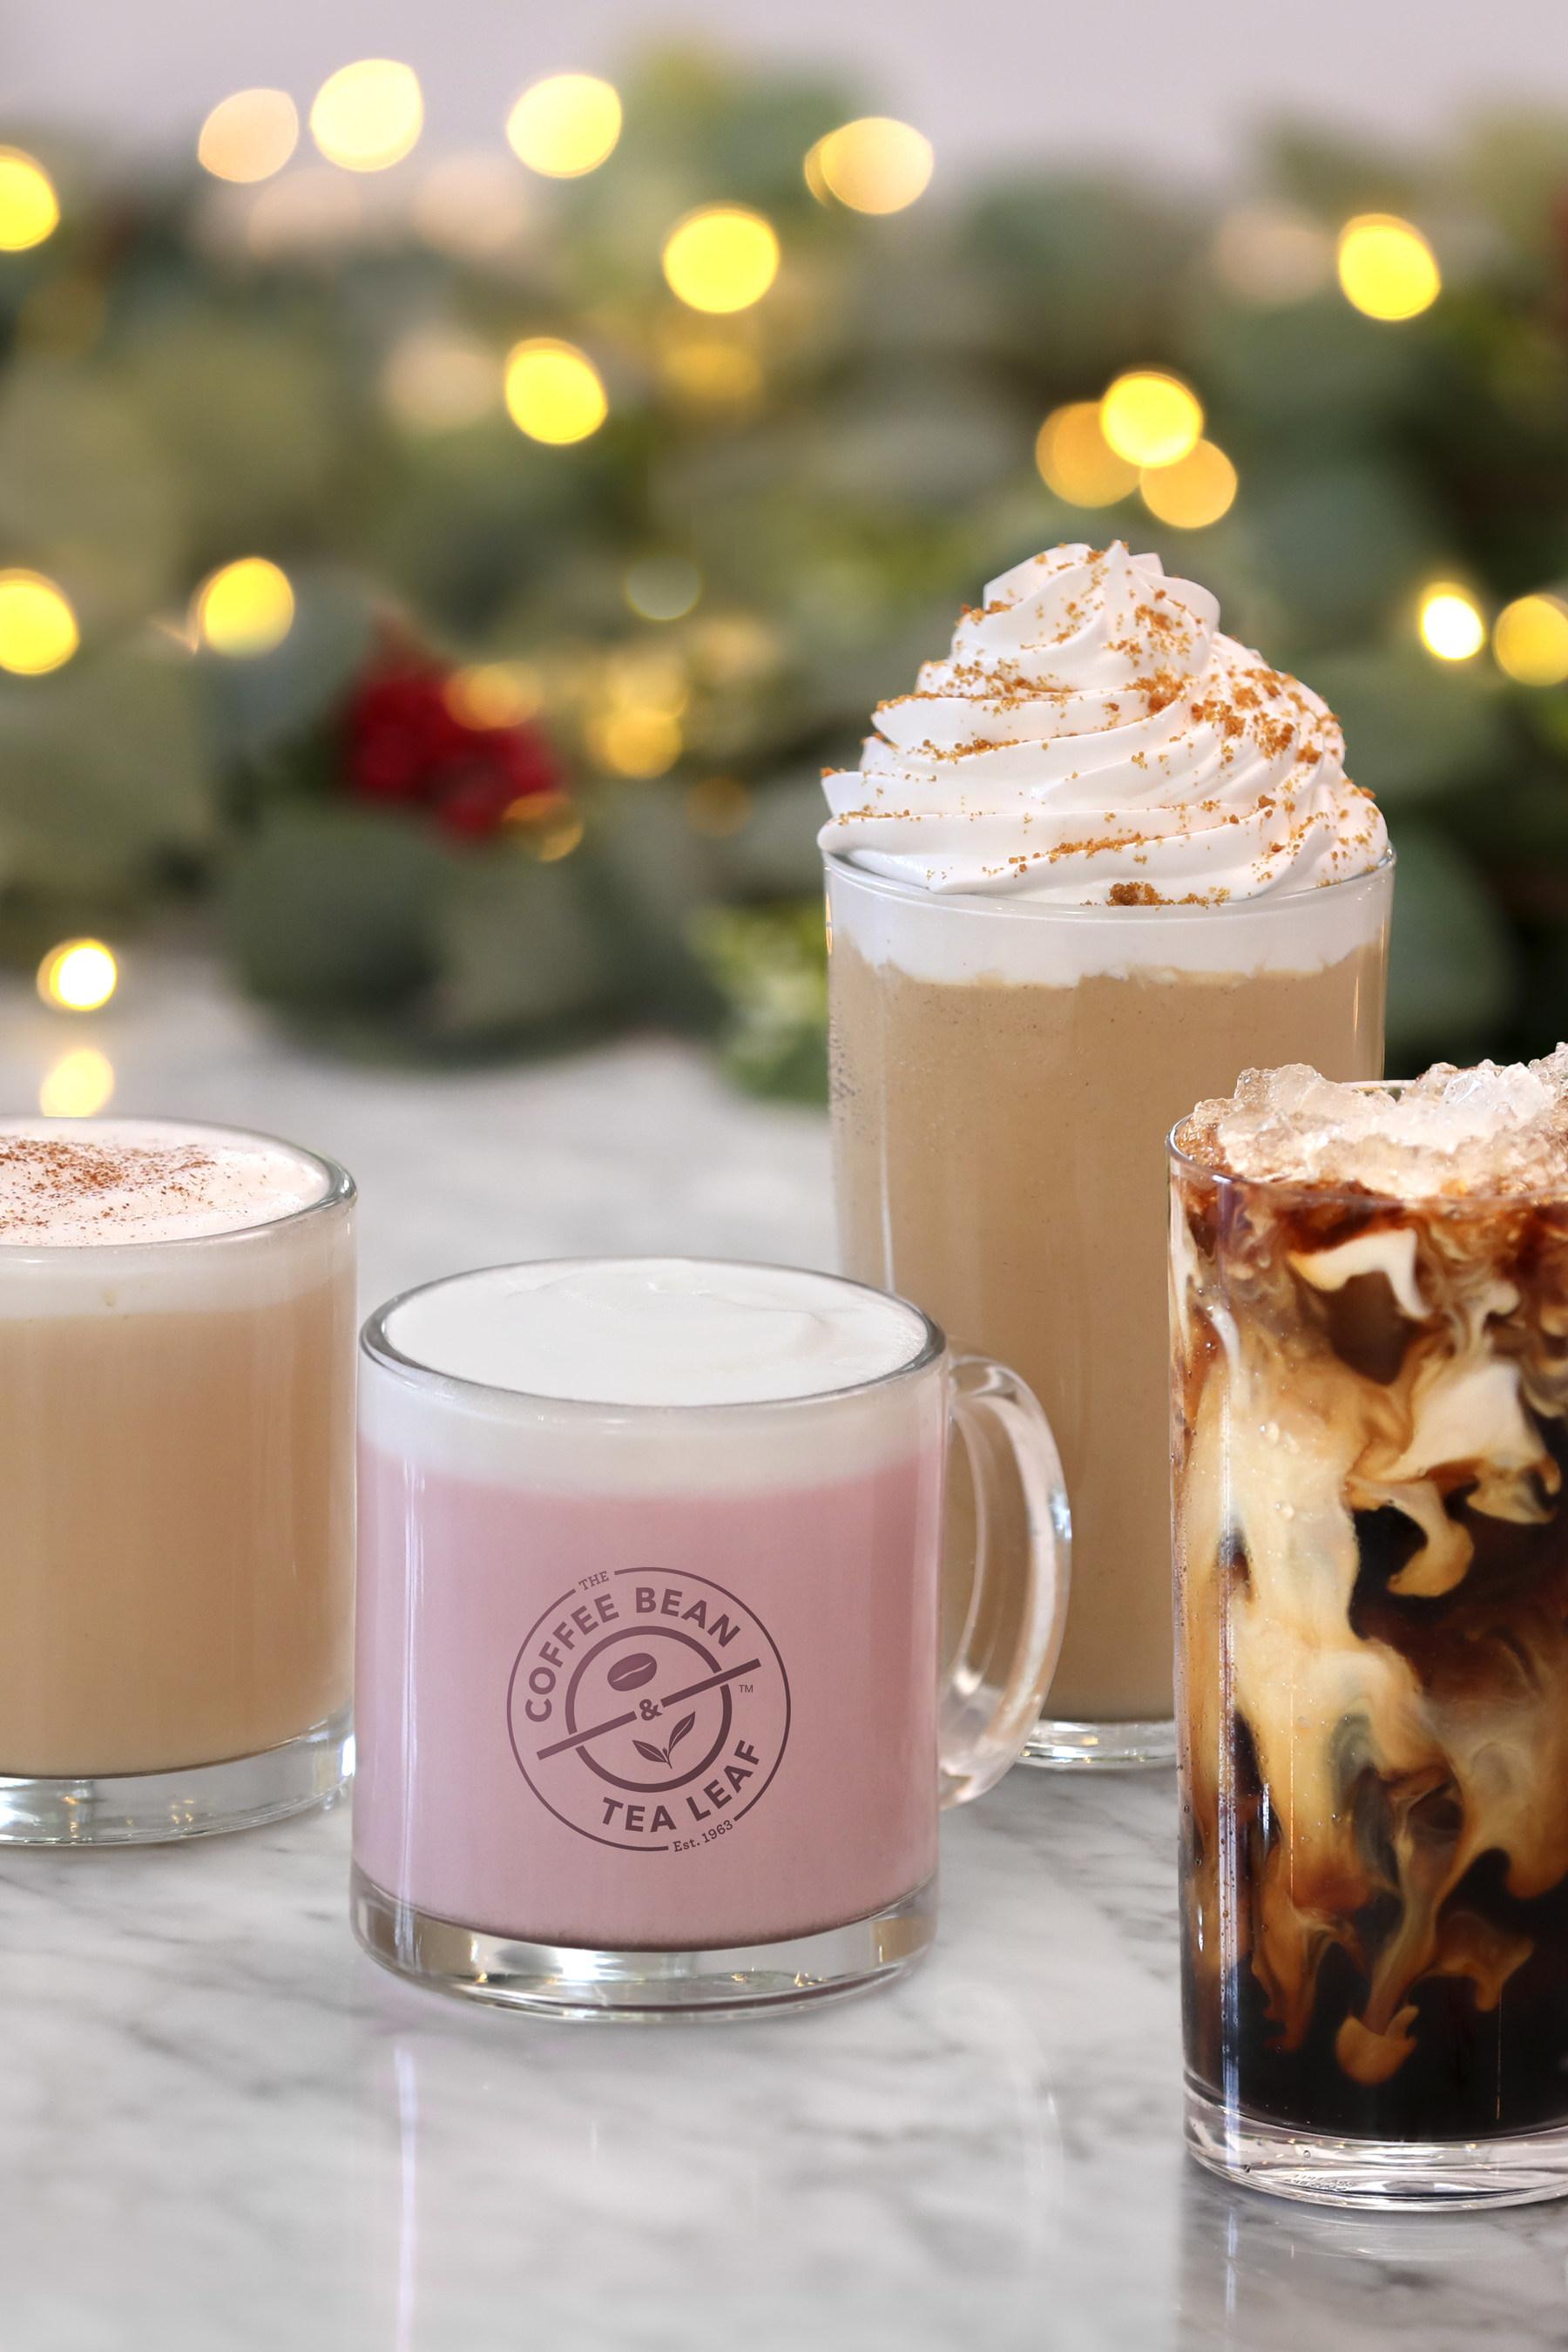 The Coffee Bean Tea Leaf Celebrates Gratitude This Holiday Season